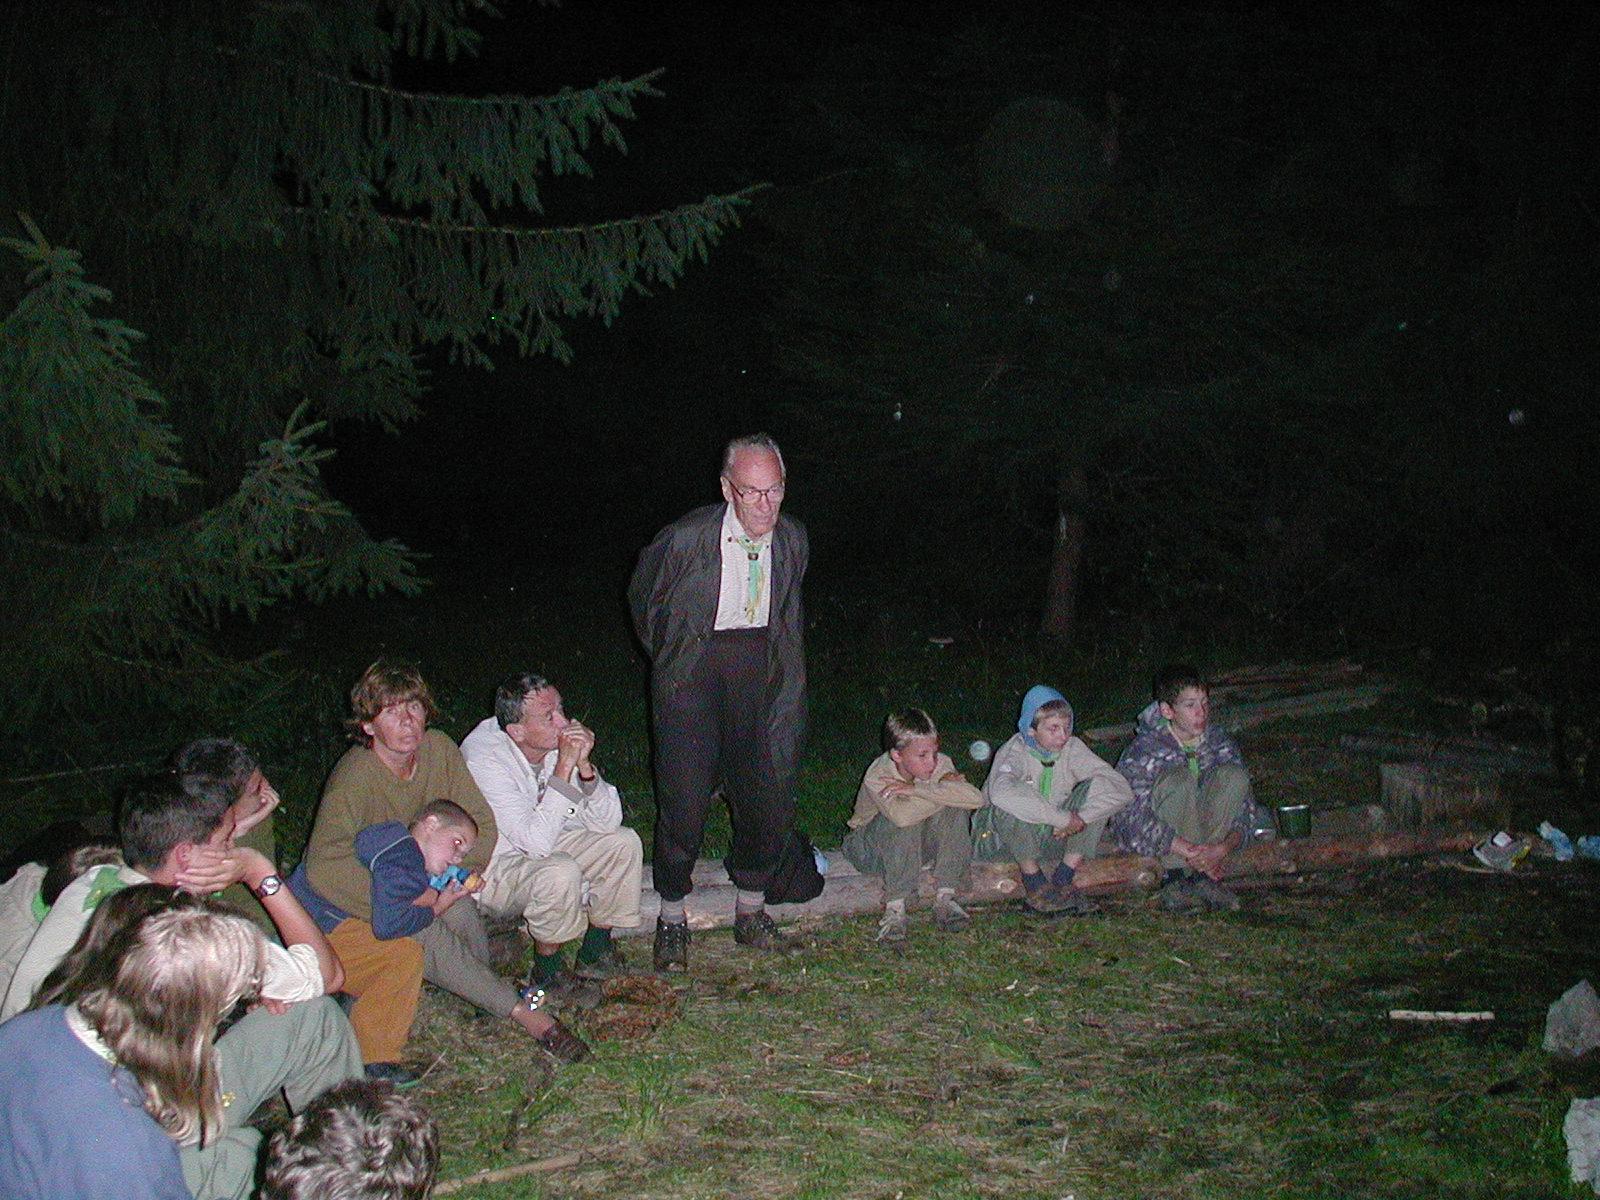 Utolsó tábortűz, emlékmesélés: a 2002-es máriaforrási esőtáborban